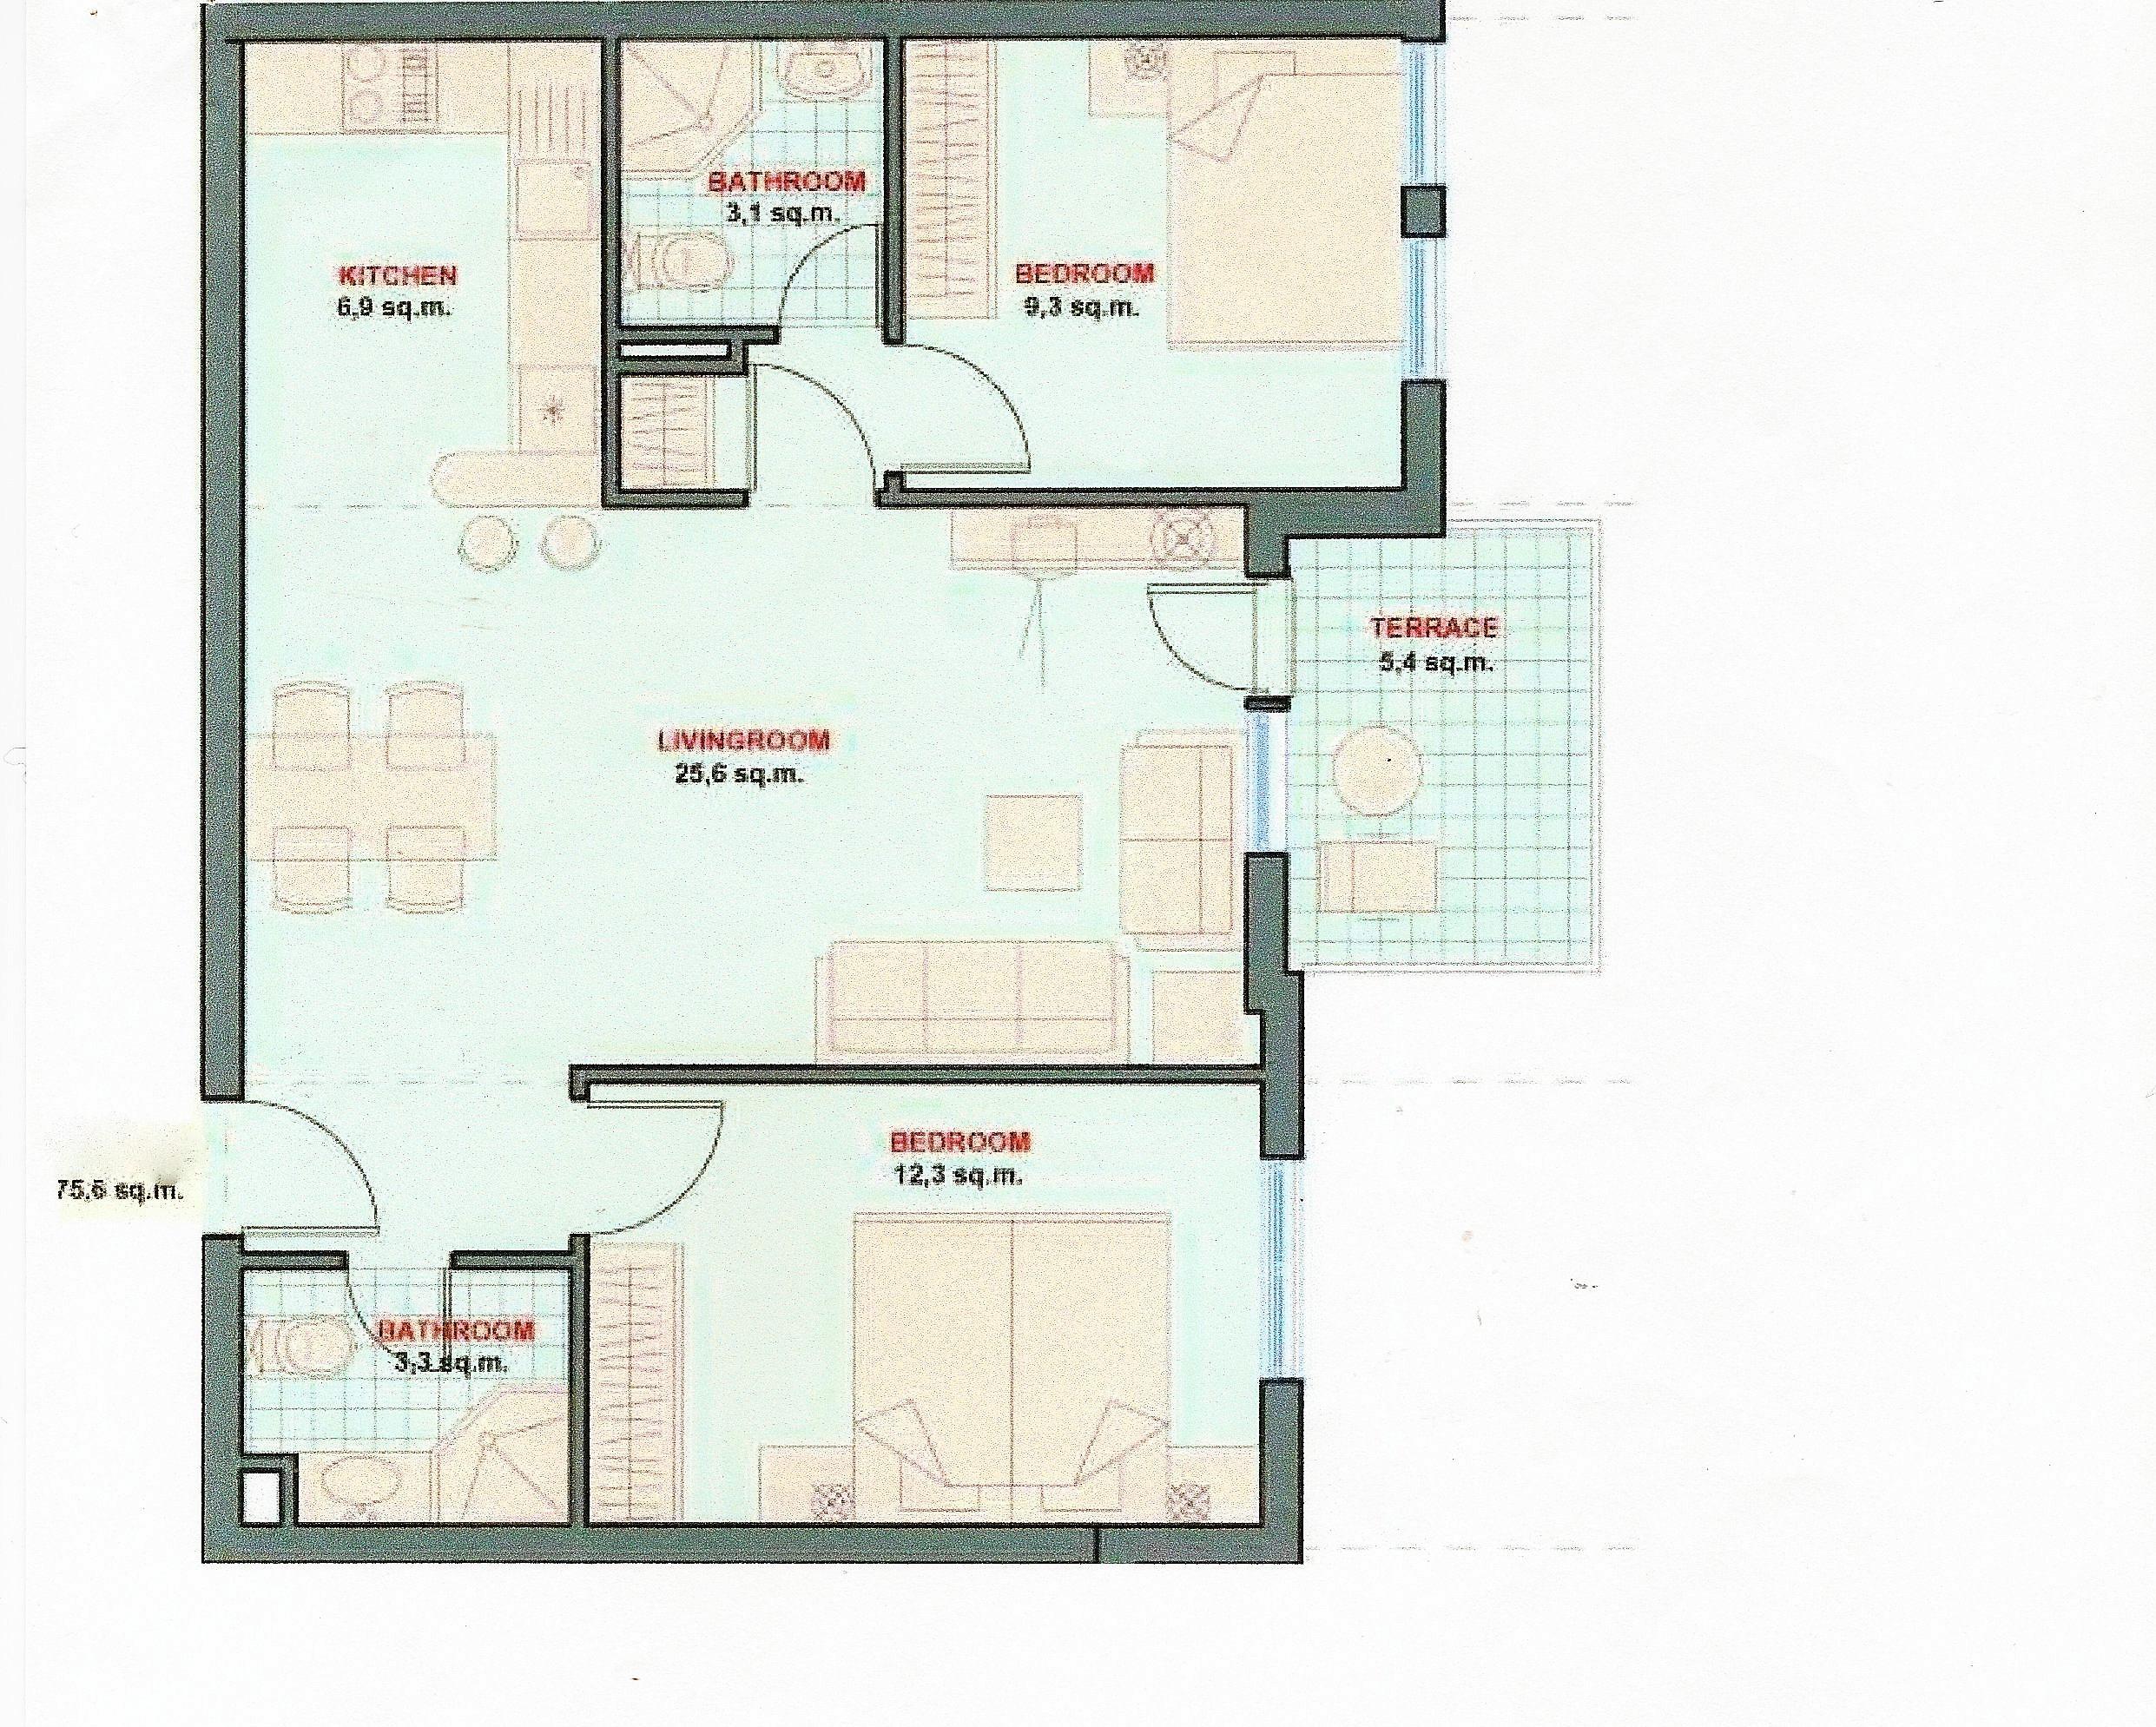 Floor Plans Of Spacious 2 Bedroom Apartment In Garden Of